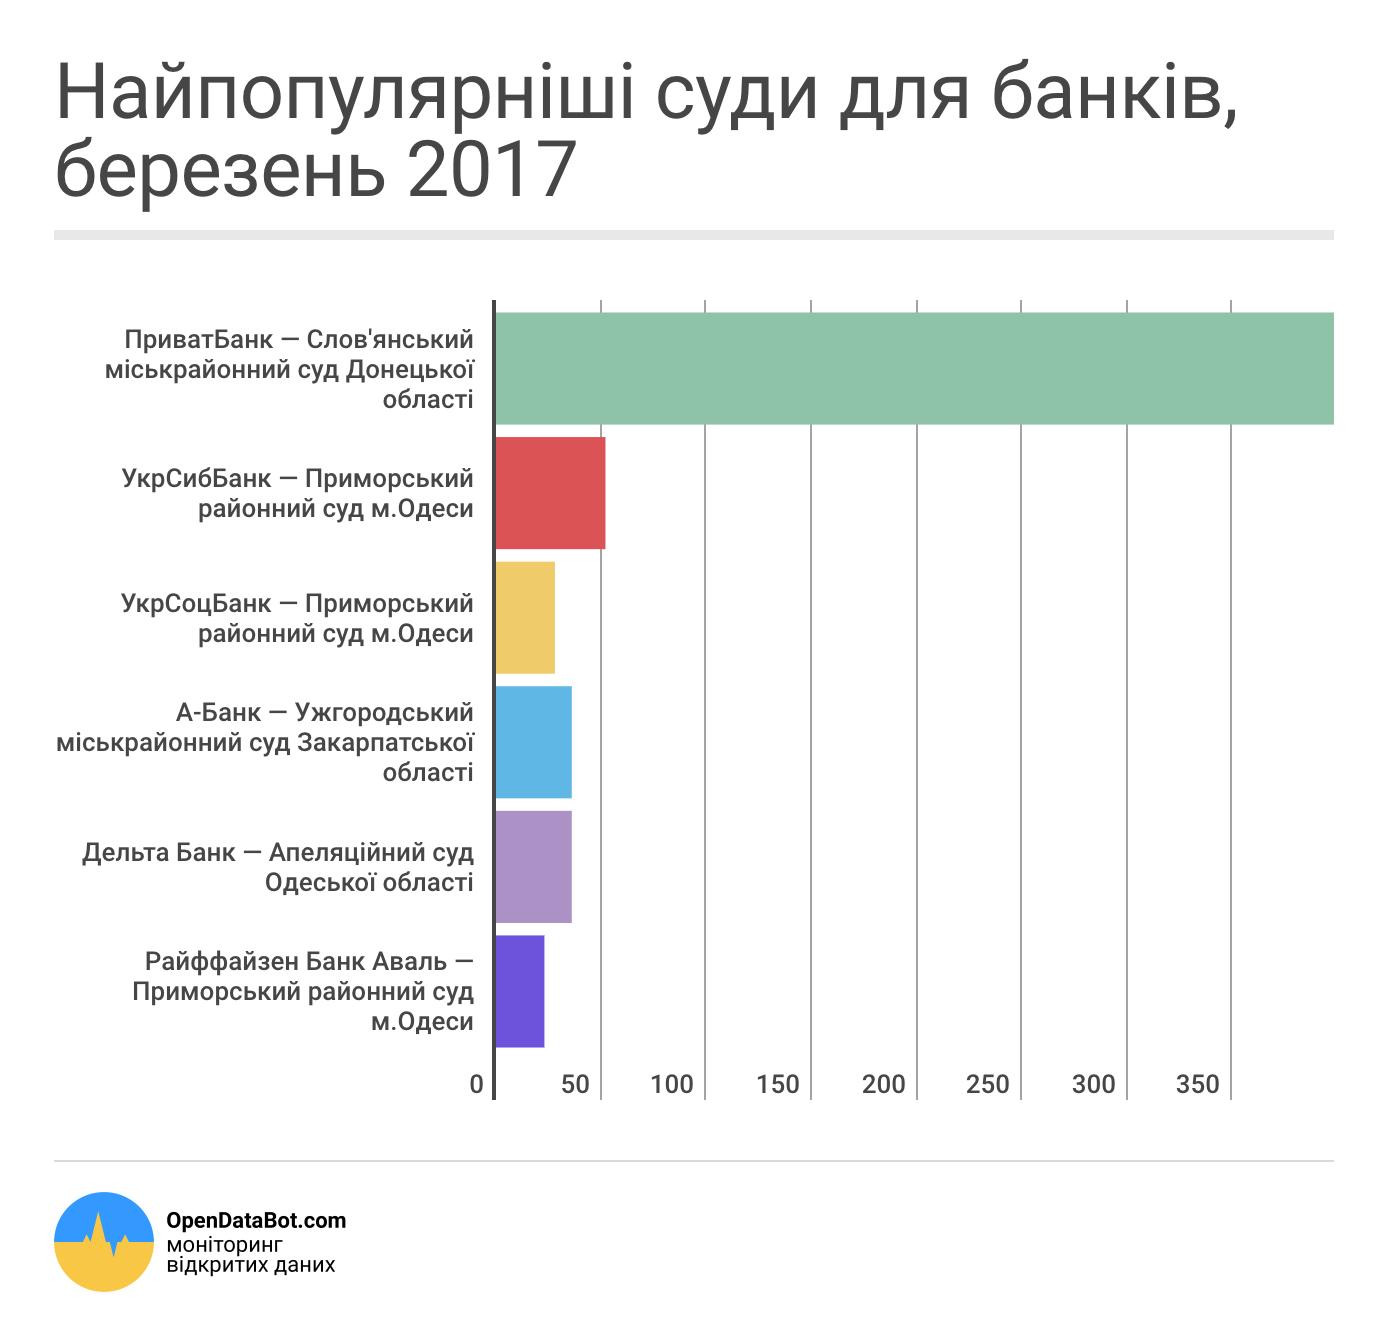 Найпопулярніші суди для банків